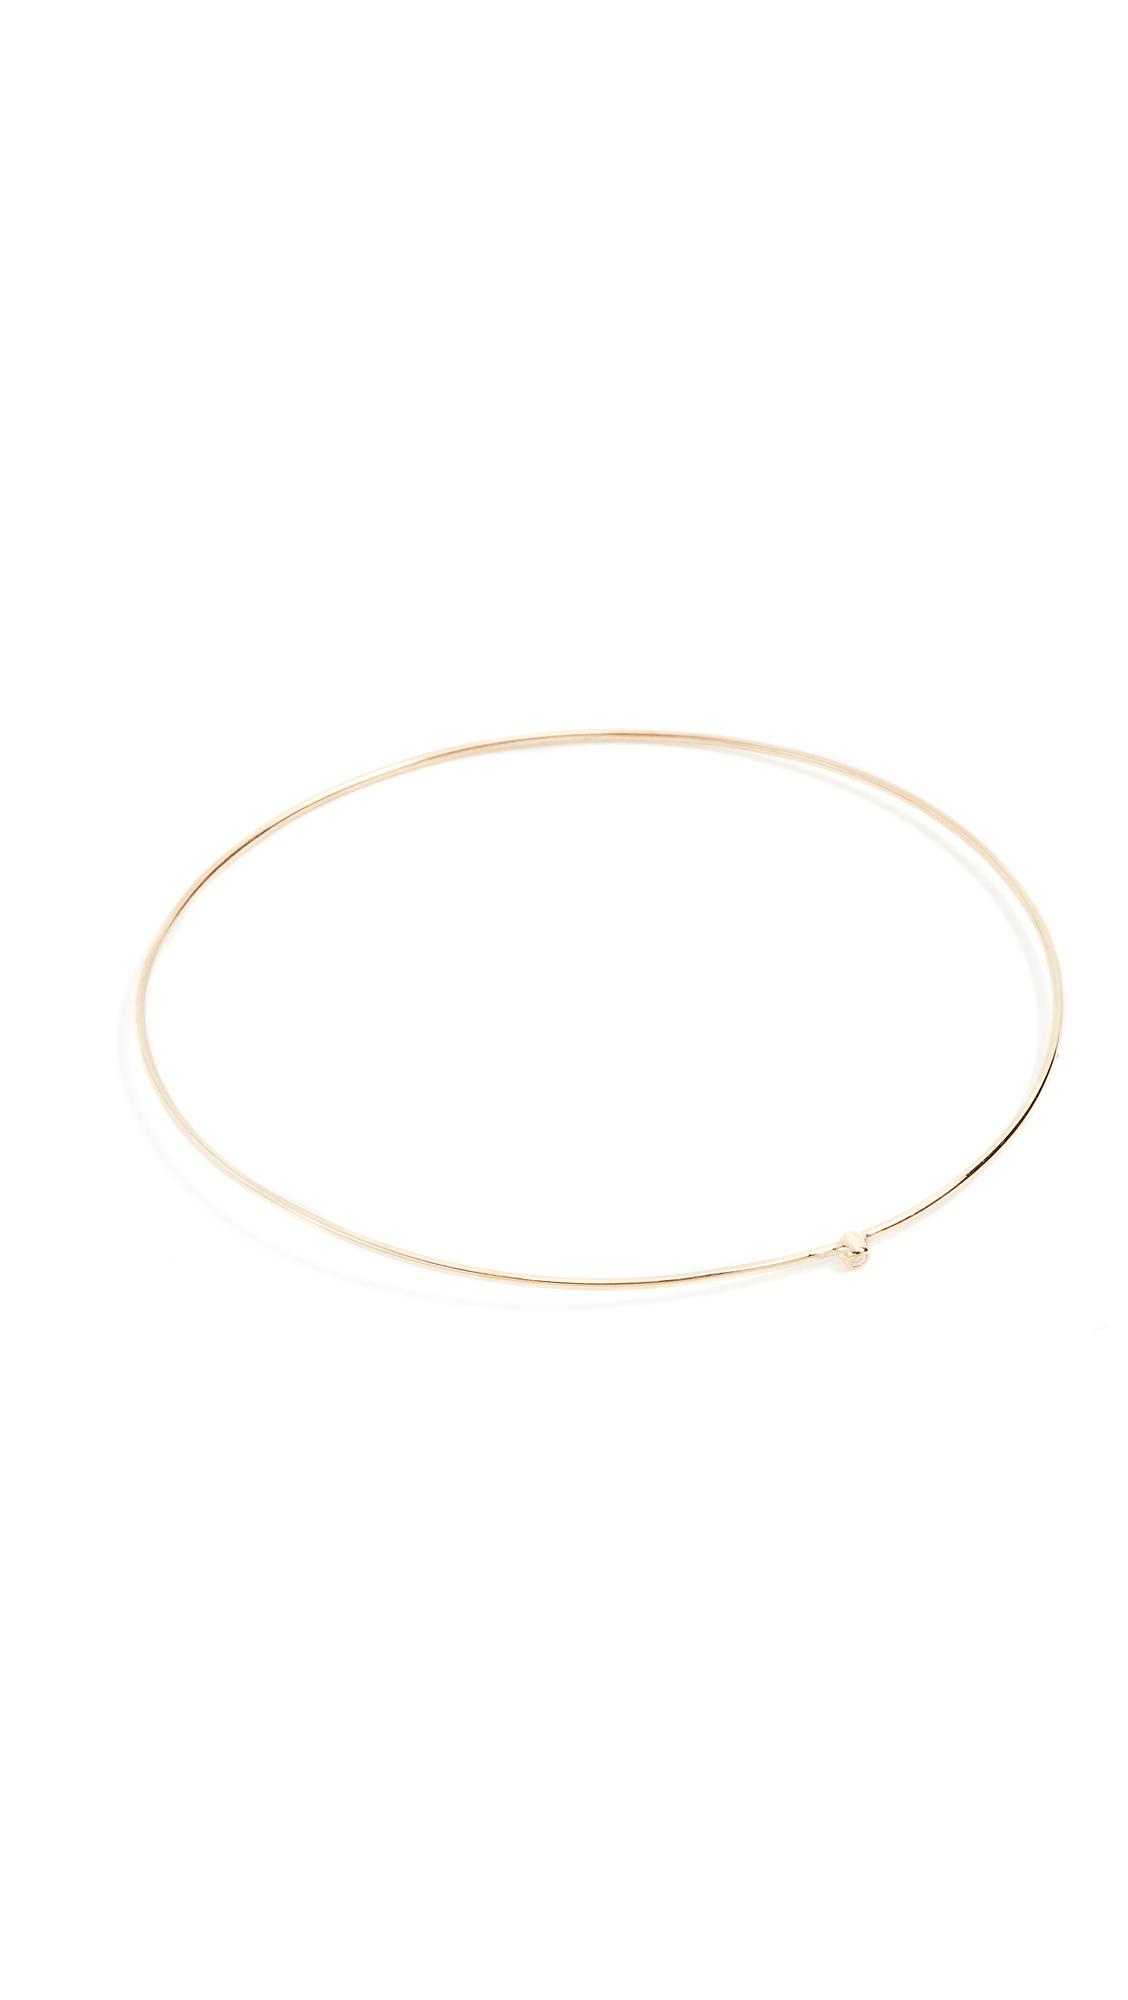 Jennifer Meyer Jewelry 18k Gold Diamond Thin Bangle - Diamond